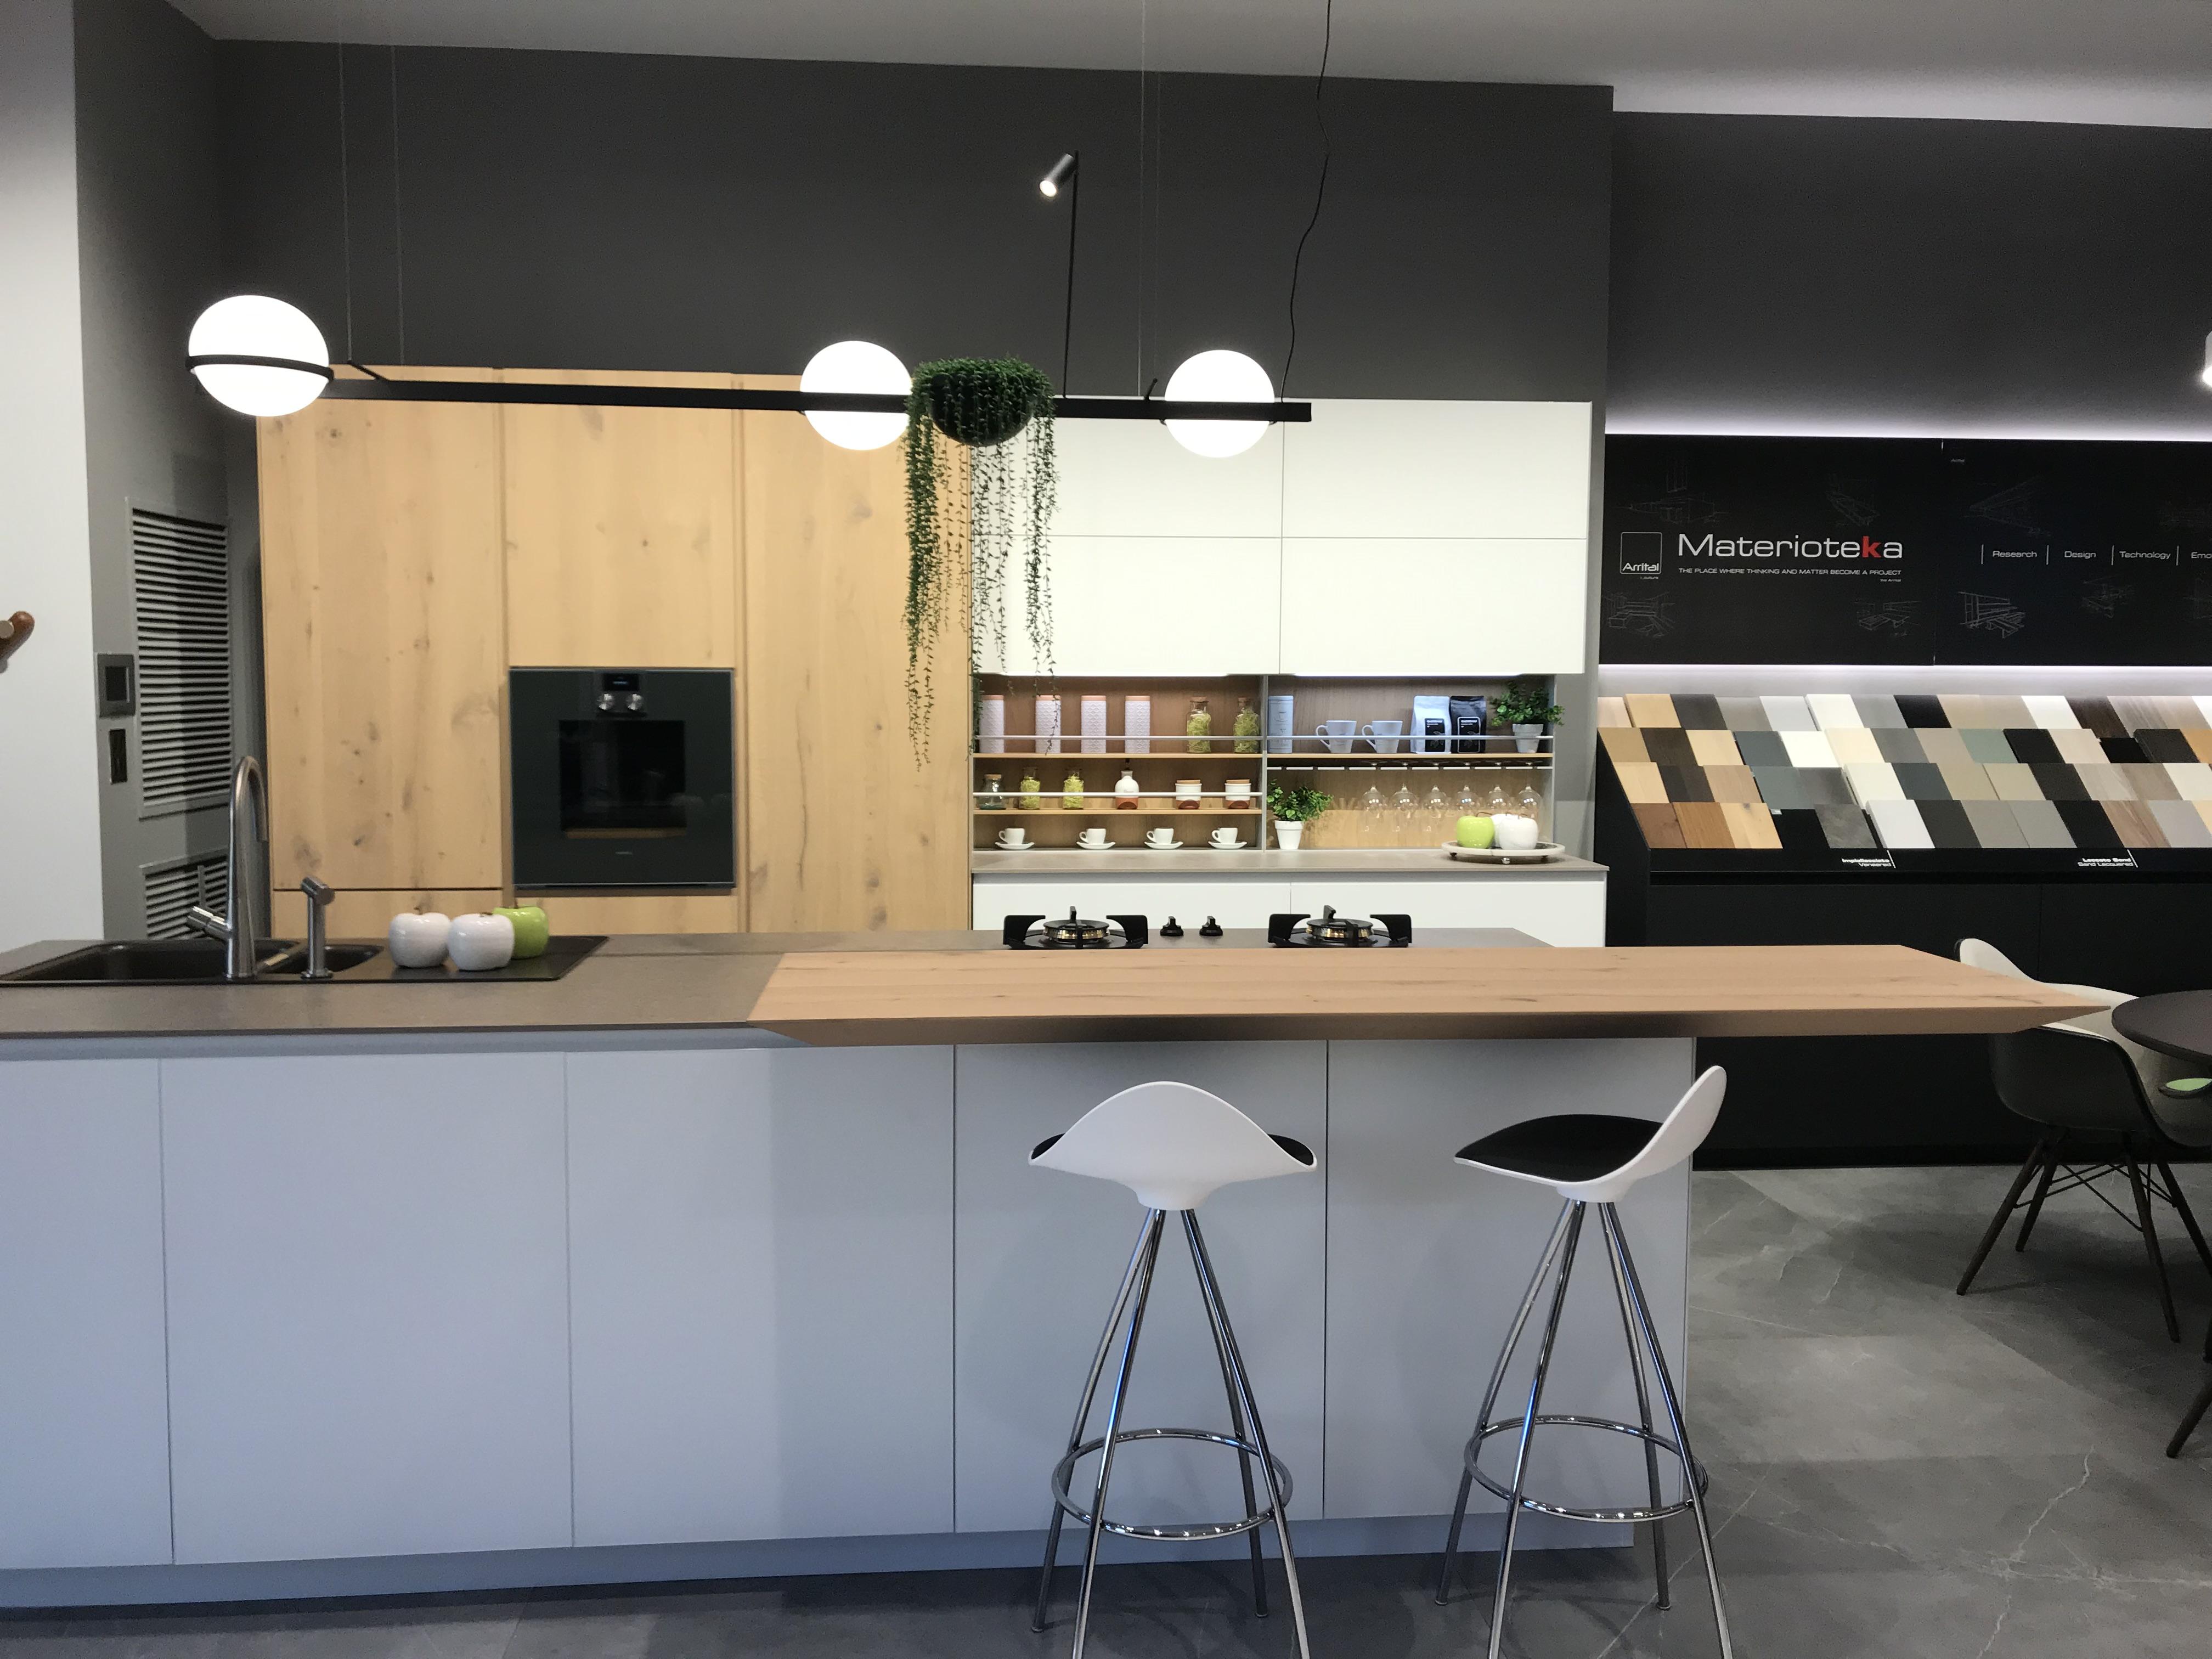 Beautiful muebles de cocina en albacete contemporary - Muebles de cocina albacete ...